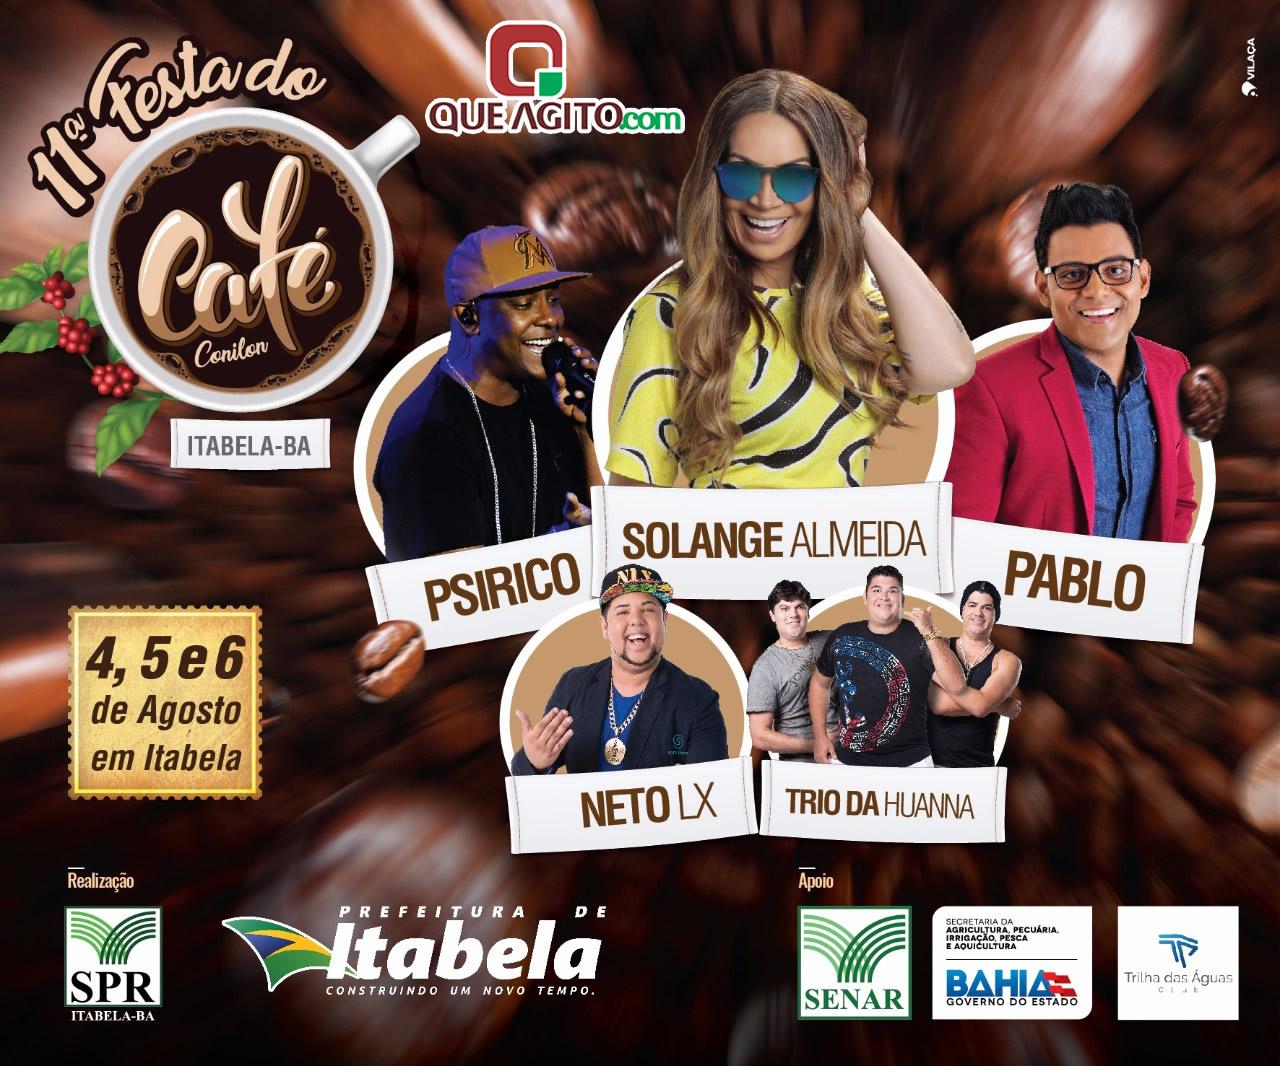 Prefeito divulga as principais atrações da 11ª Festa do Café em Itabela 2